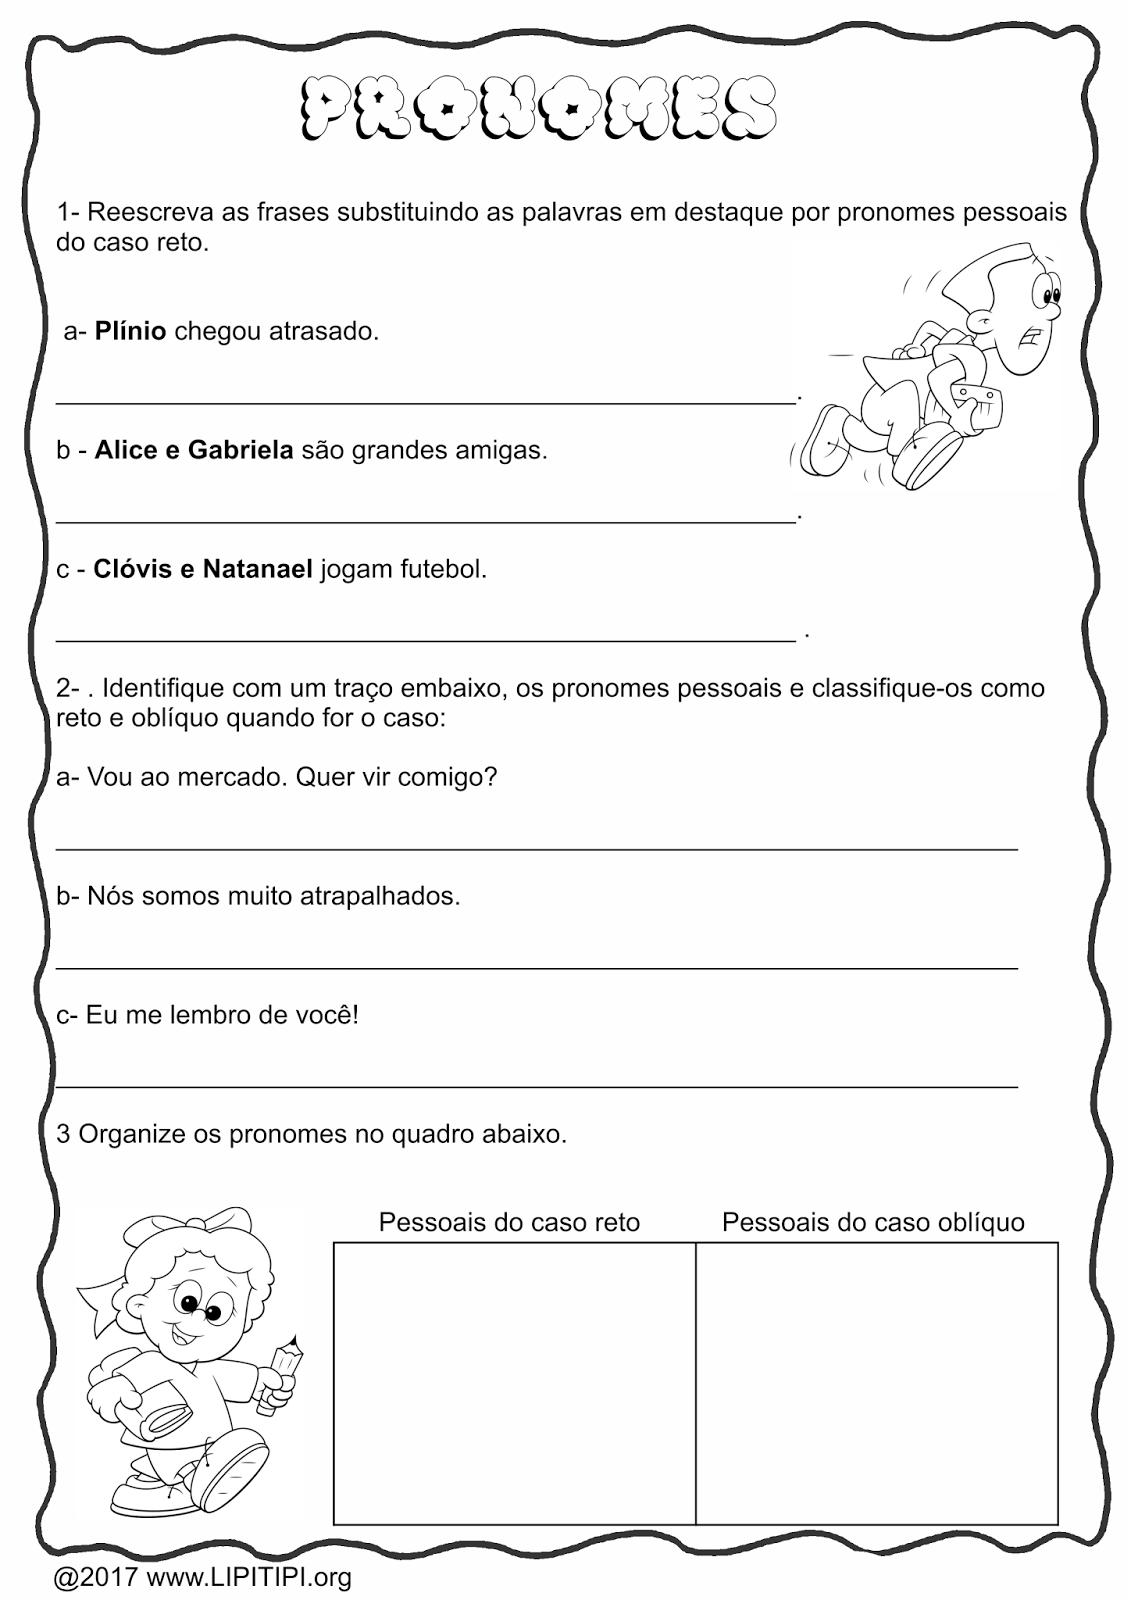 Populares Lipitipi- Atividades e Projetos Fundamental I: Atividade Pronomes  GS89